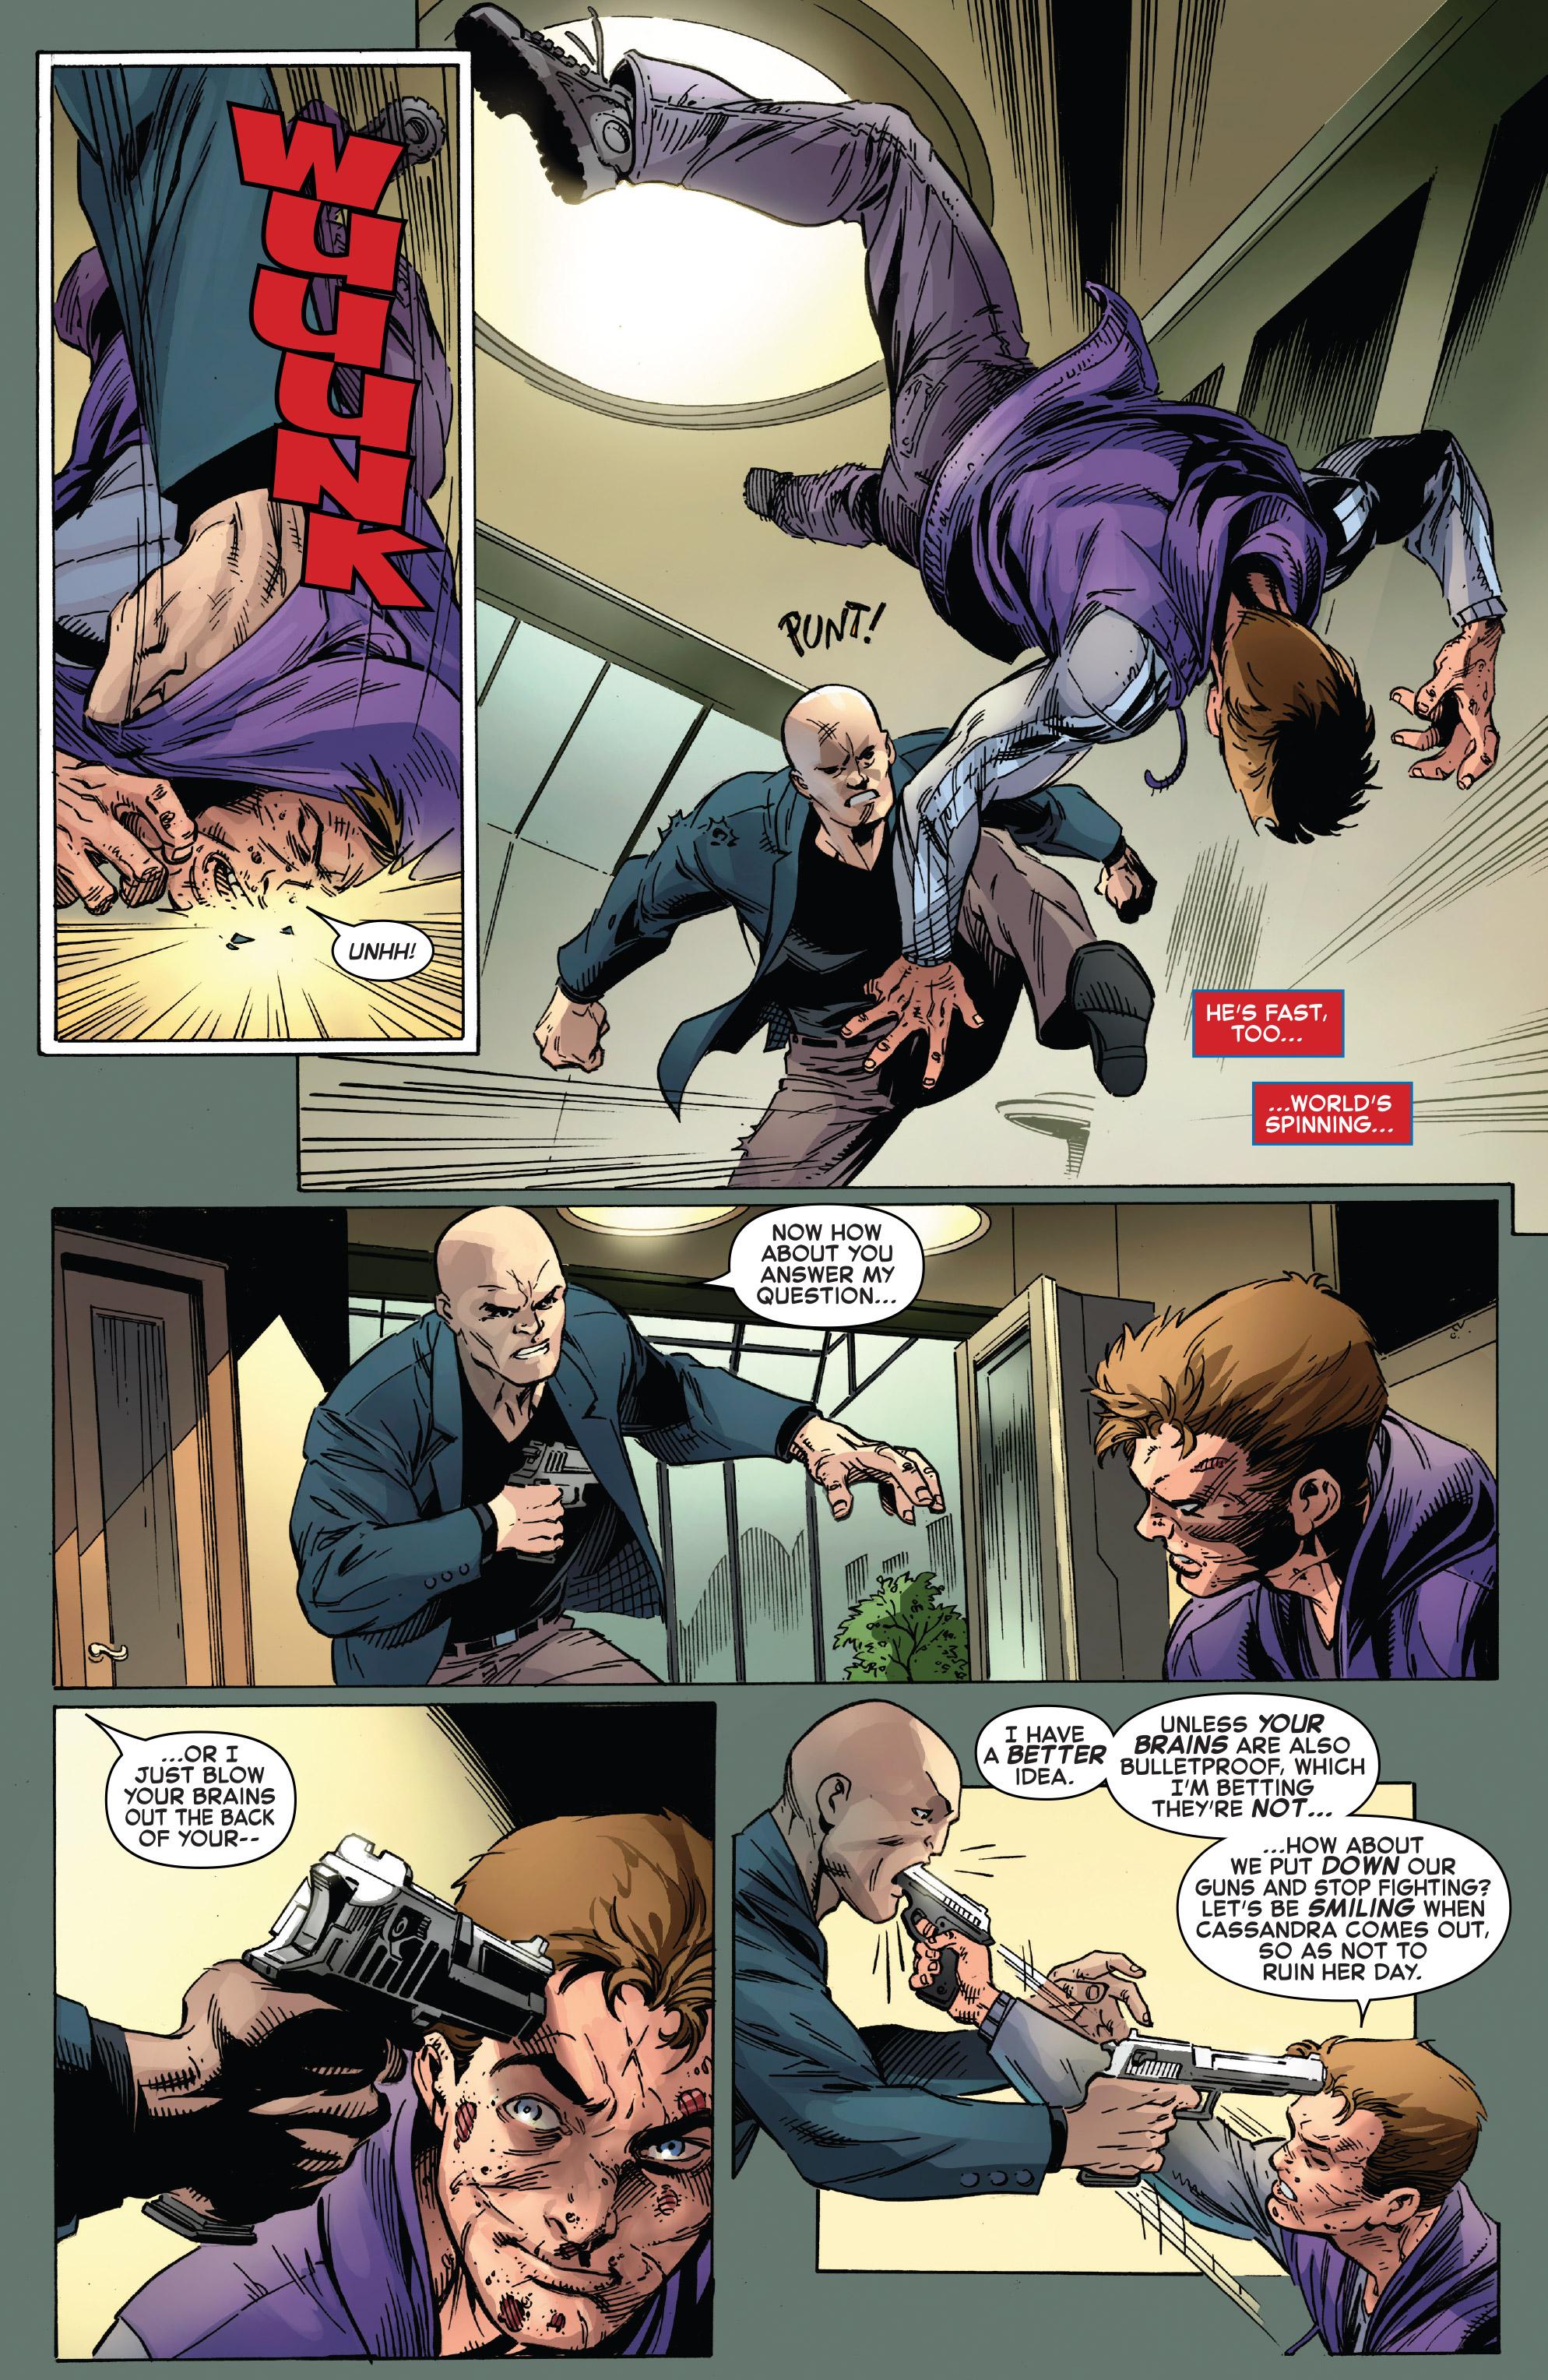 Read online Ben Reilly: Scarlet Spider comic -  Issue #2 - 15